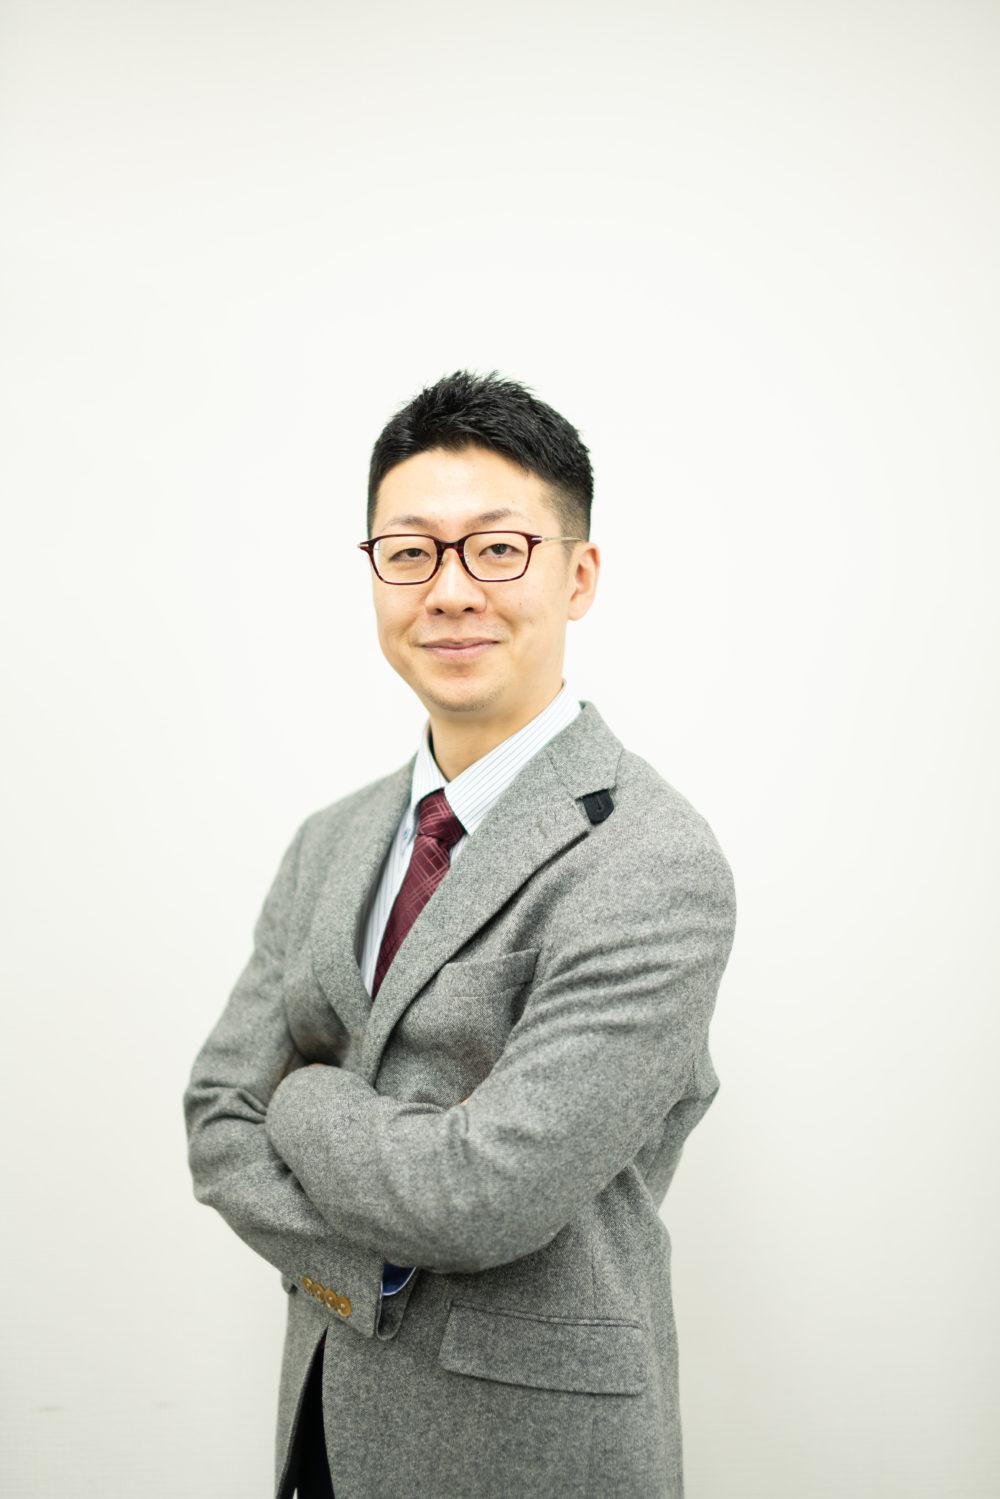 株式会社ココえがお 代表取締役 宇田川 康晴